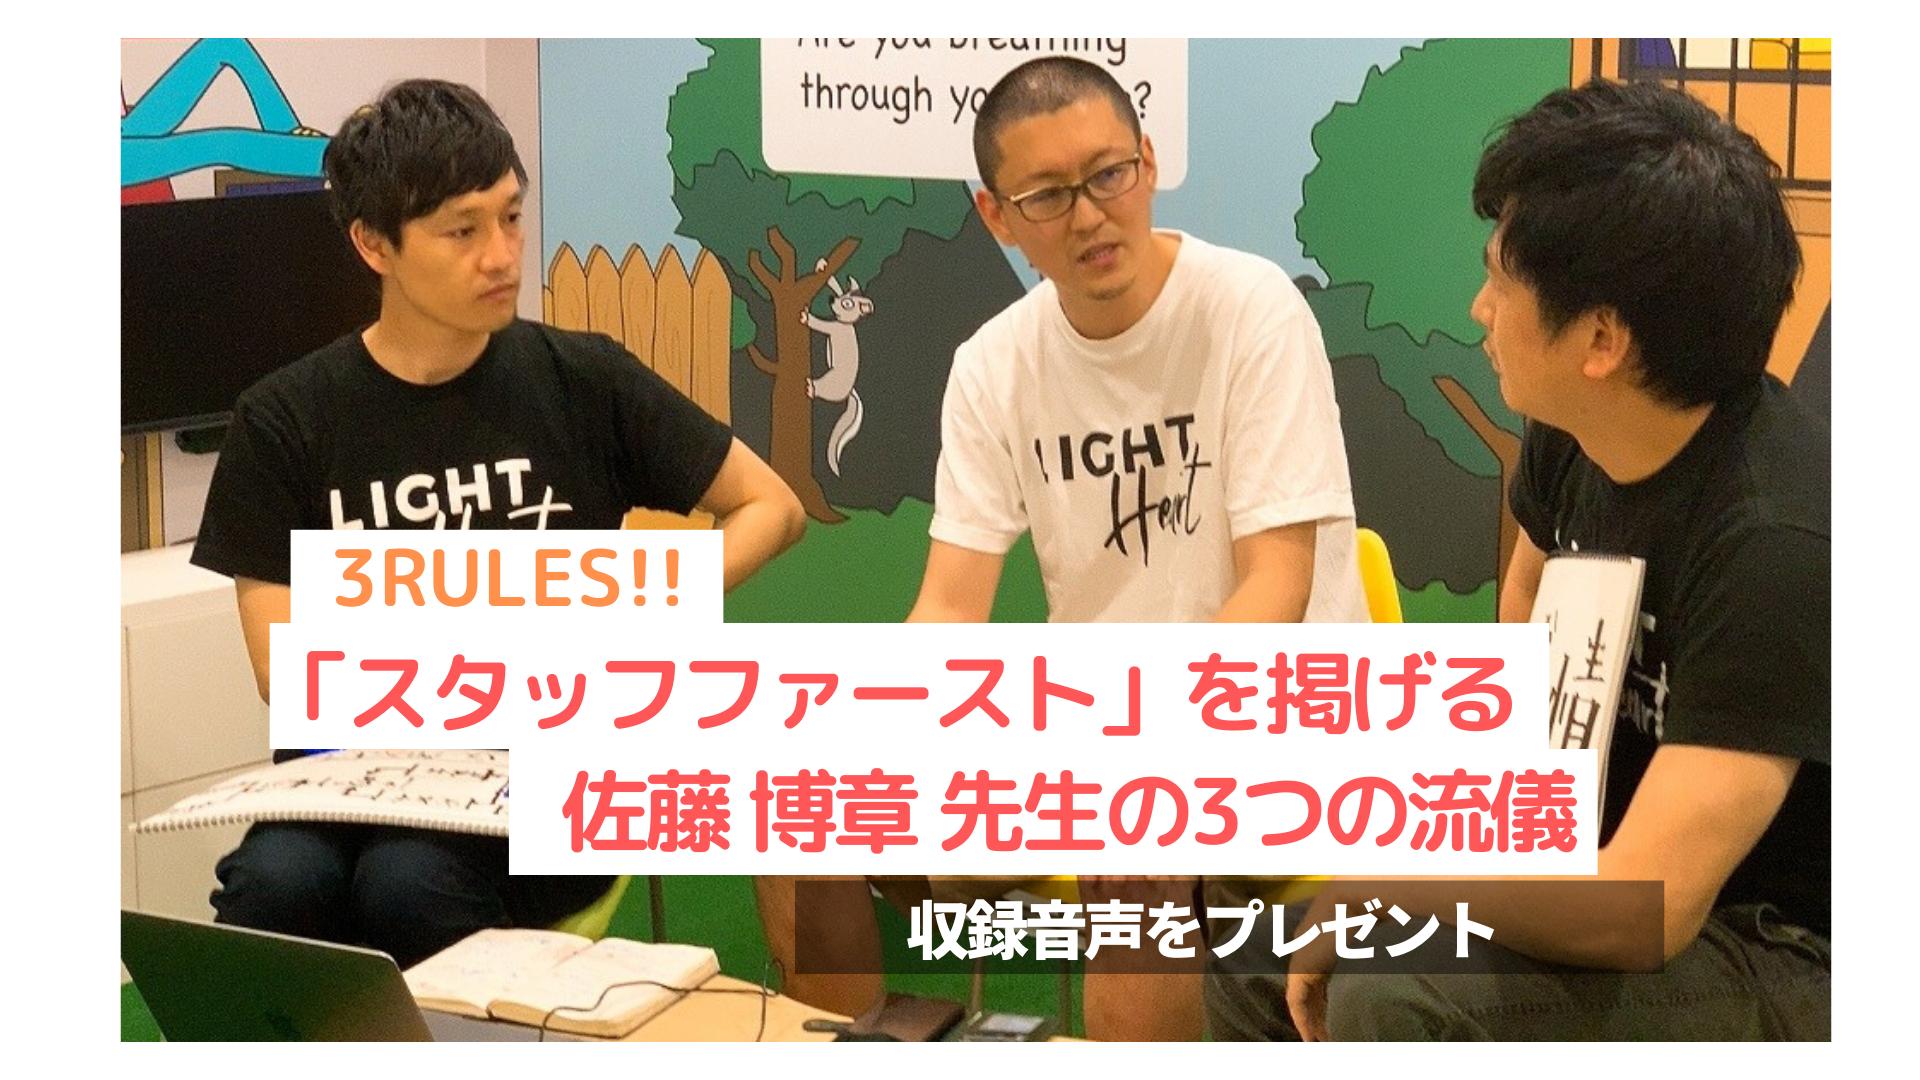 【音声】「スタッフファースト」を掲げる市川ビルさとう歯科医院の佐藤先生の3つの流儀とは?